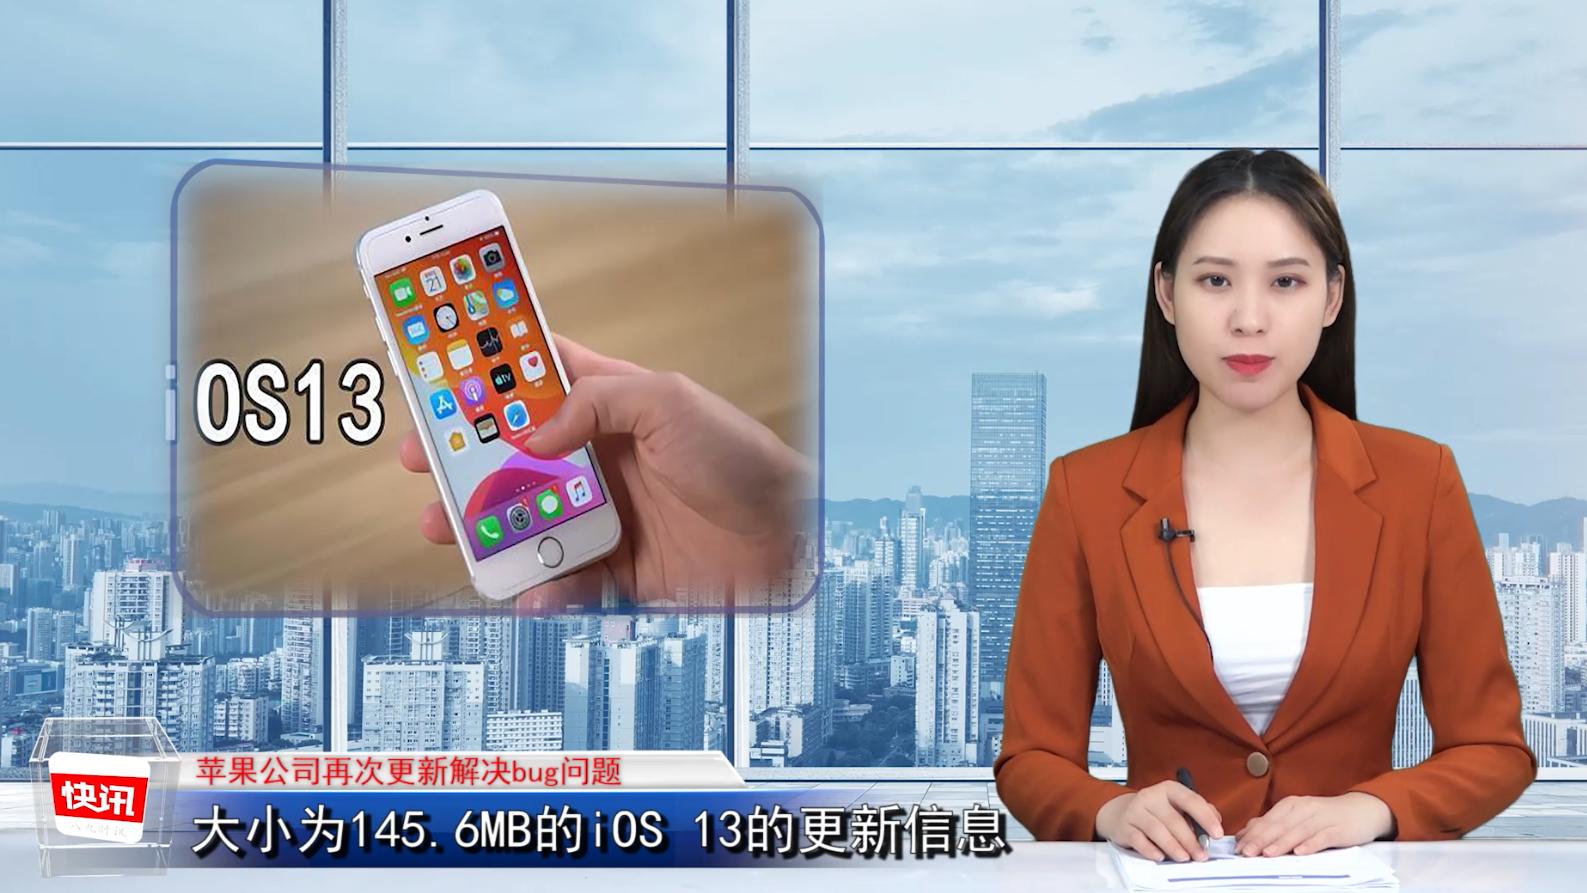 iOS系统问遭吐槽,苹果公司再次更新解决:加入新的功能